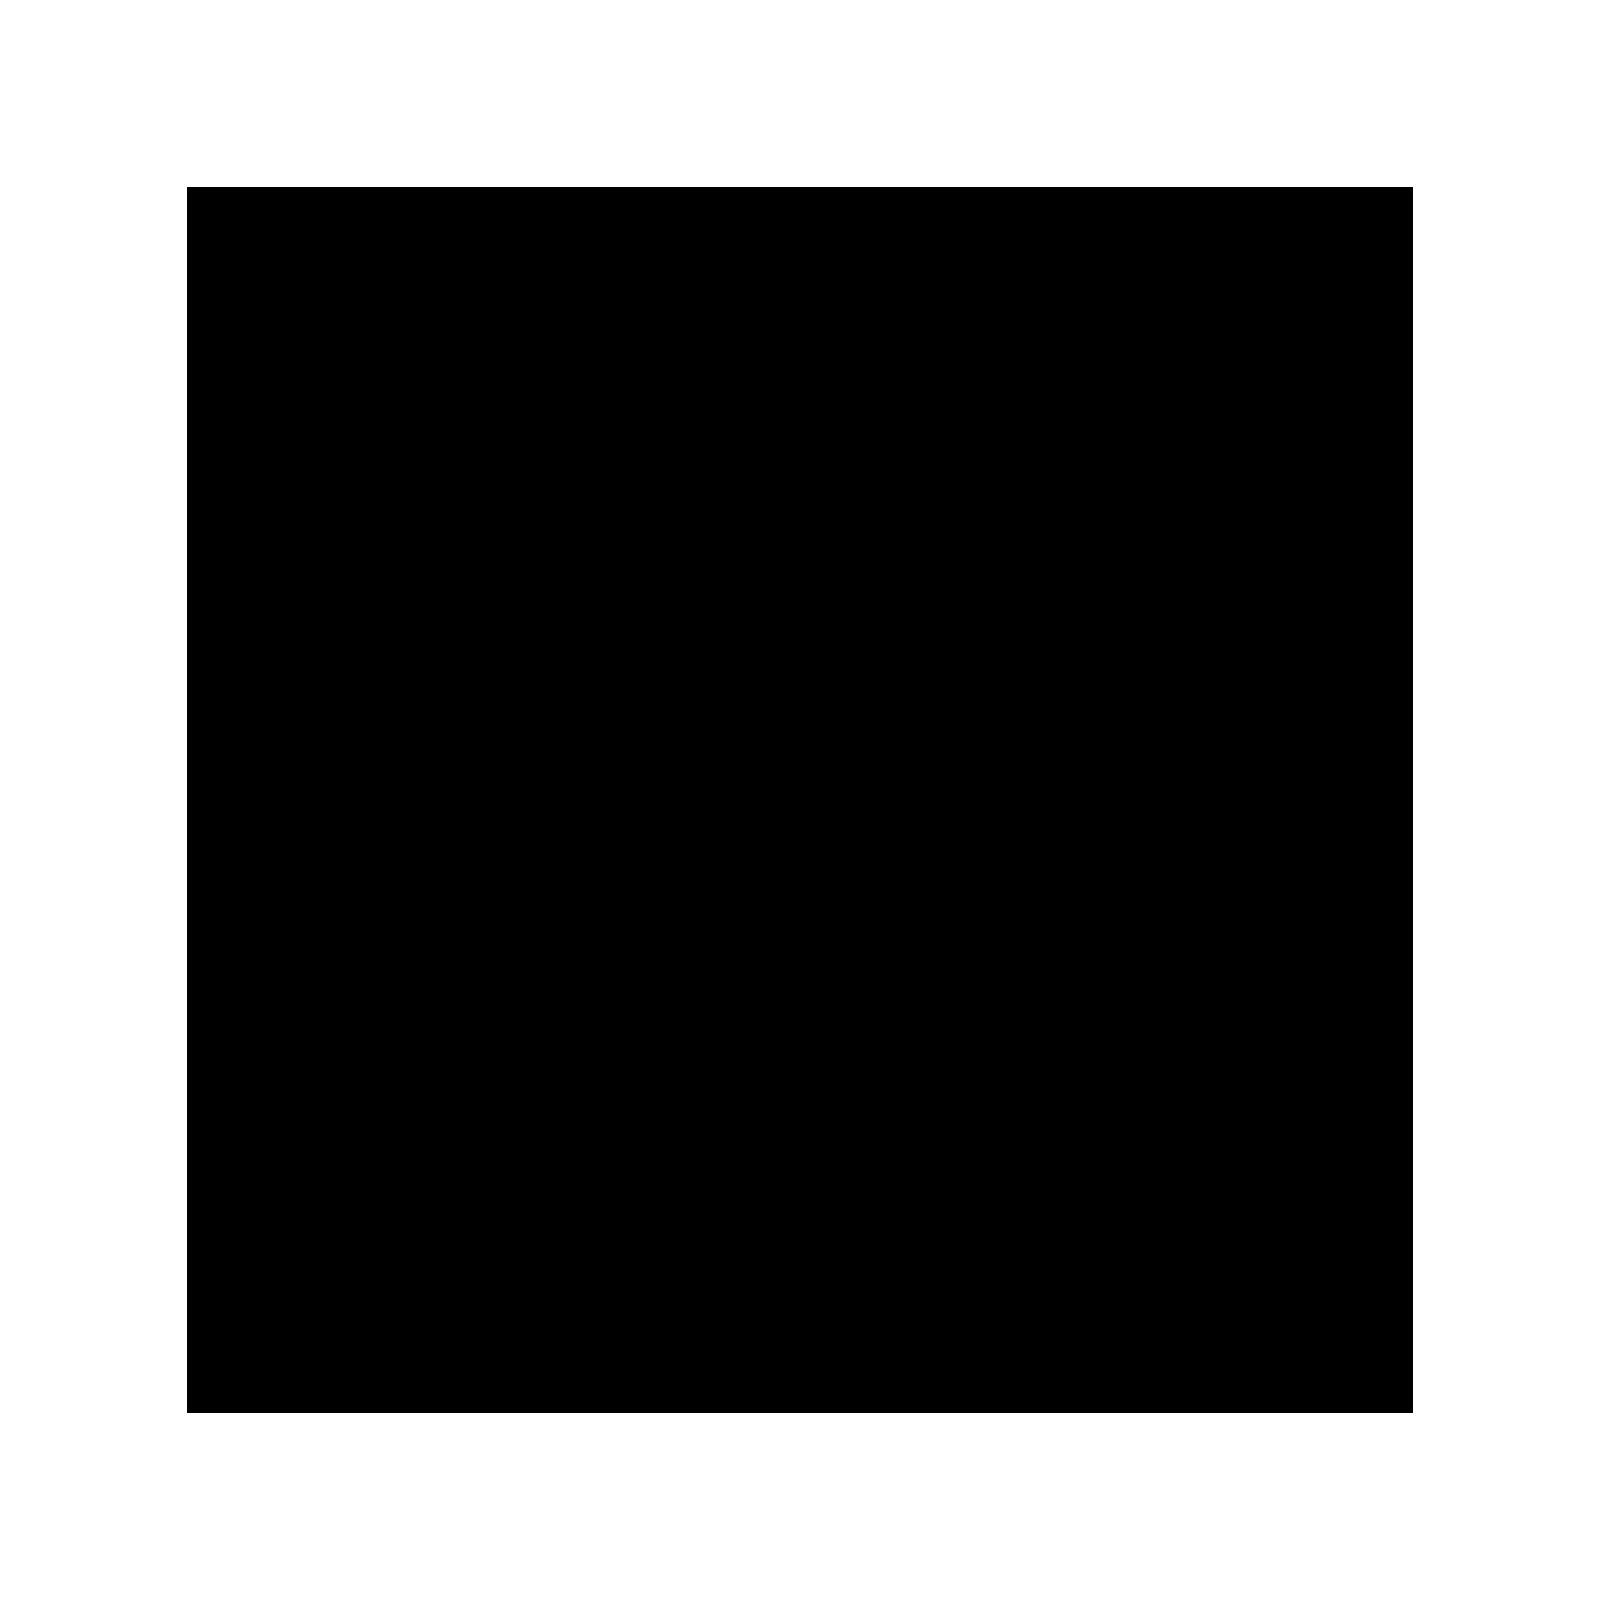 Batteria bidet con centralina e scarico automatico